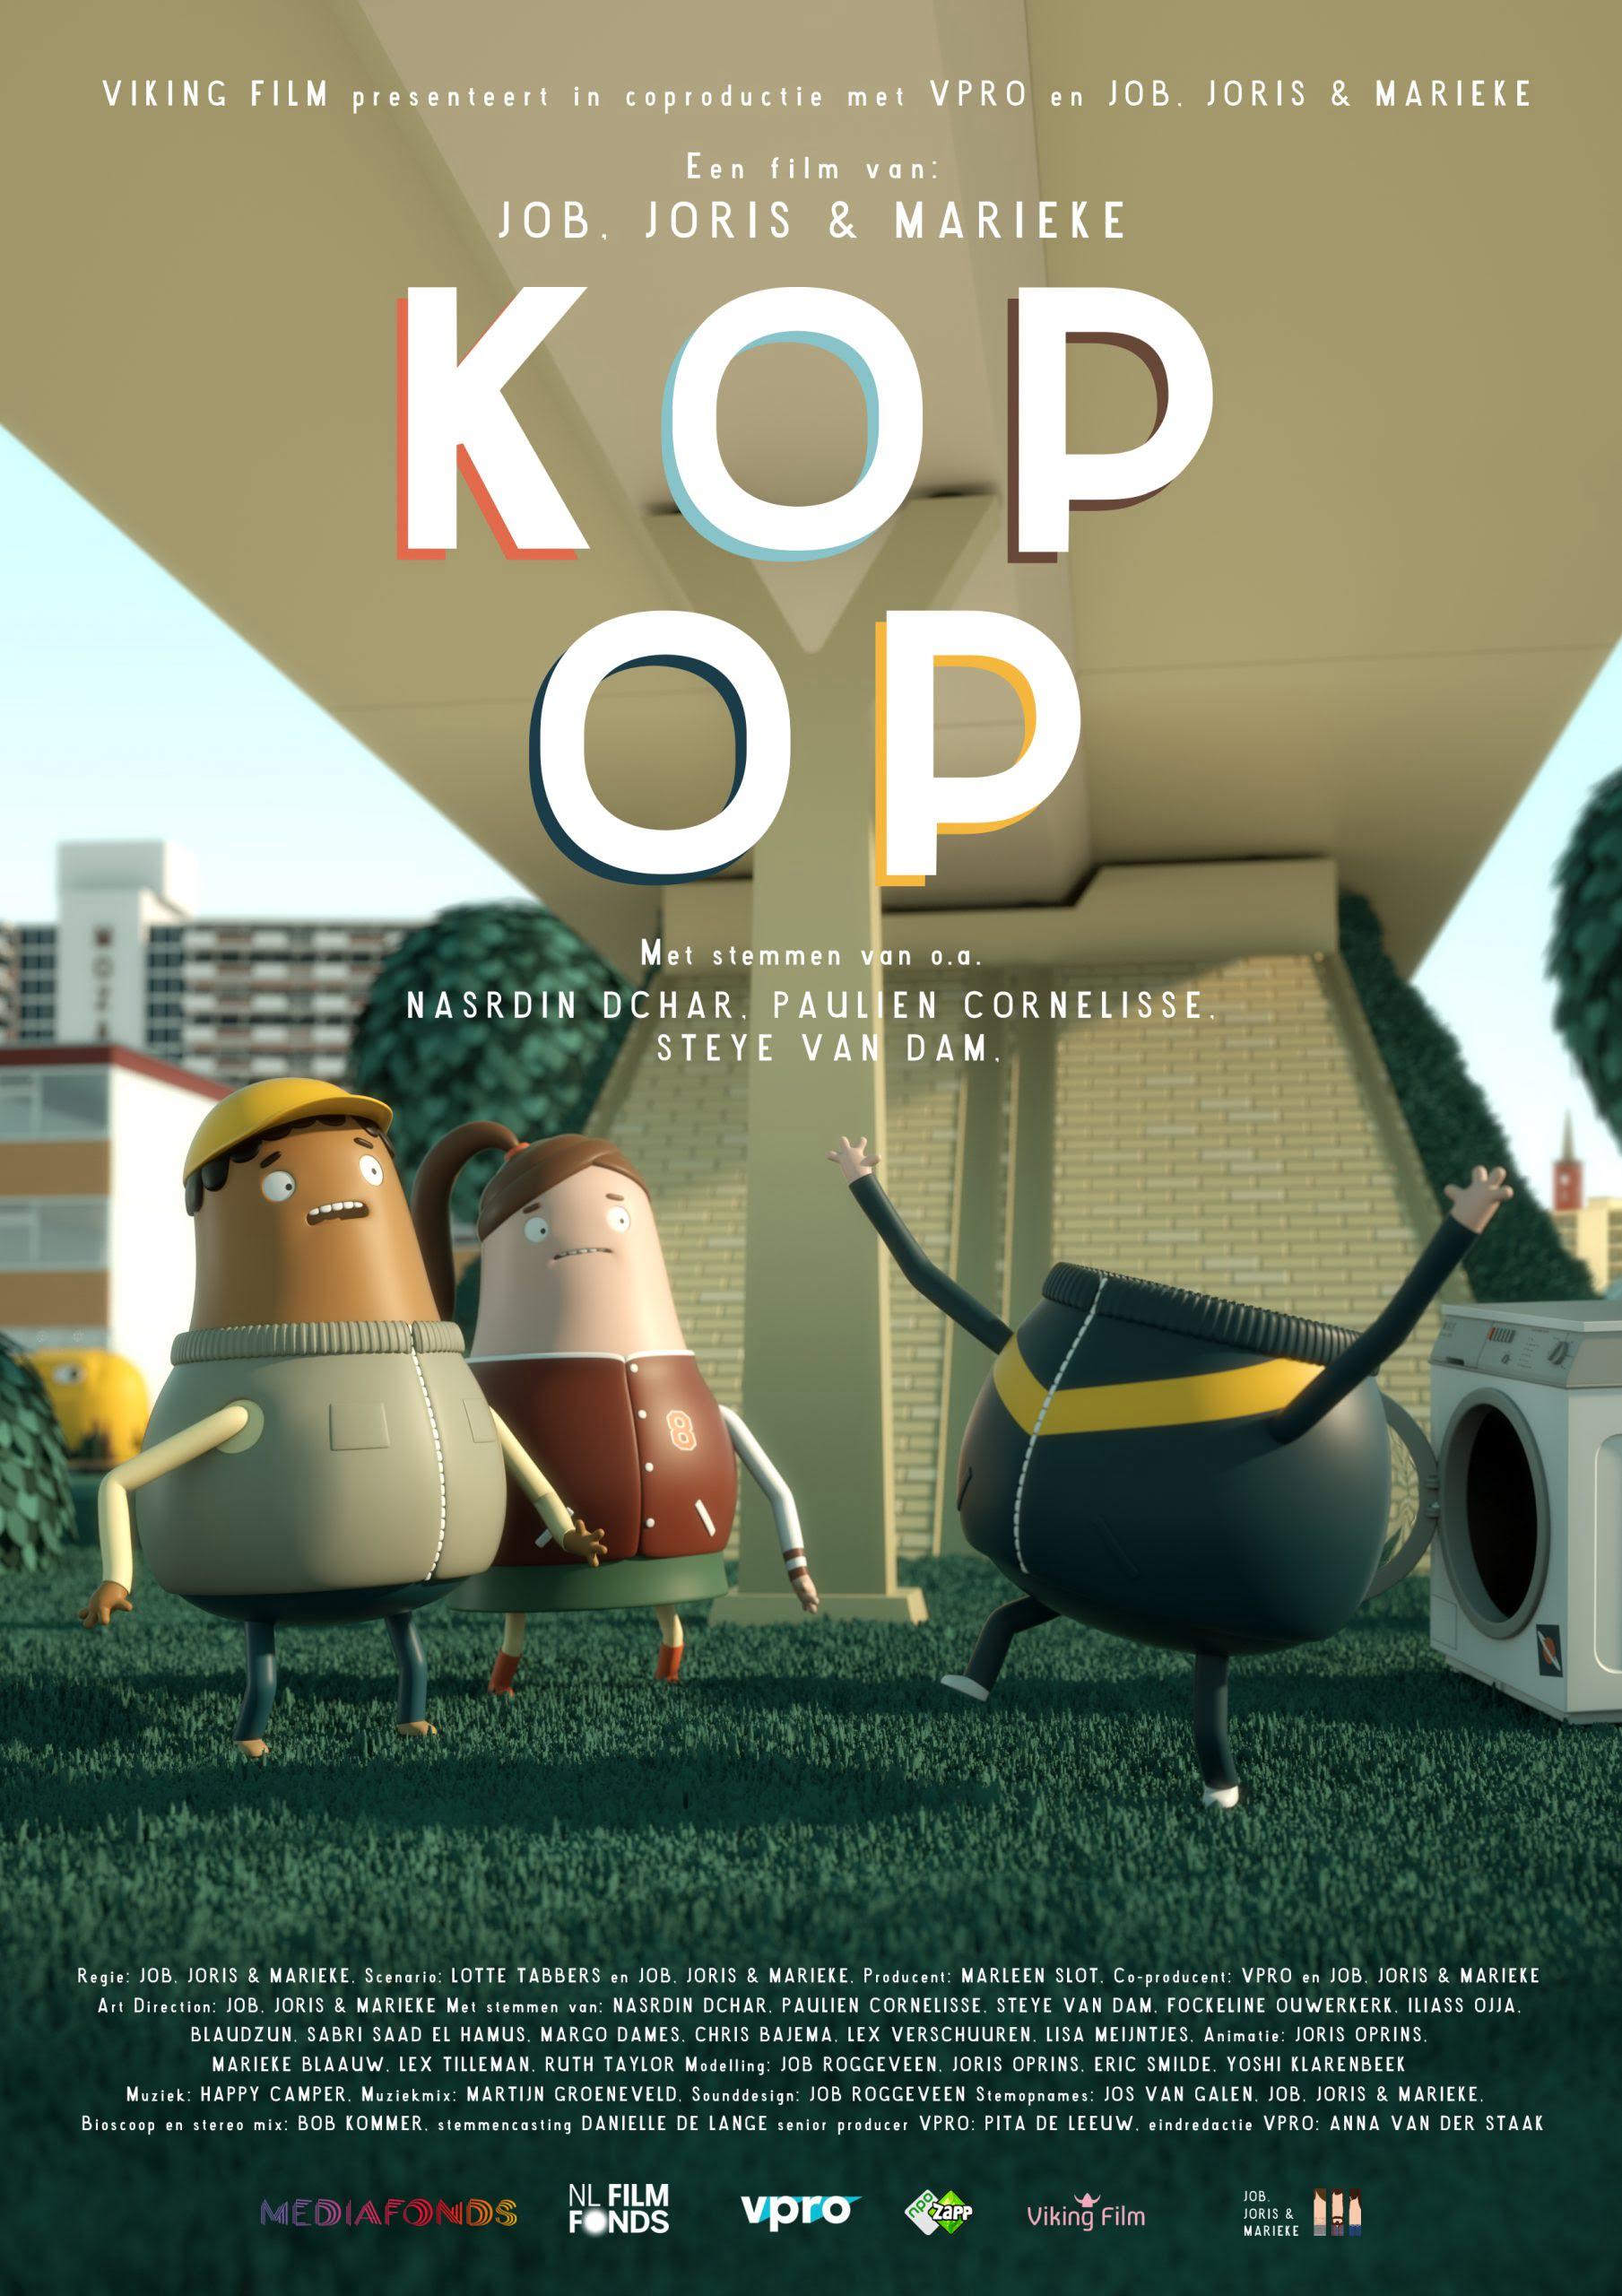 kop_op_poster